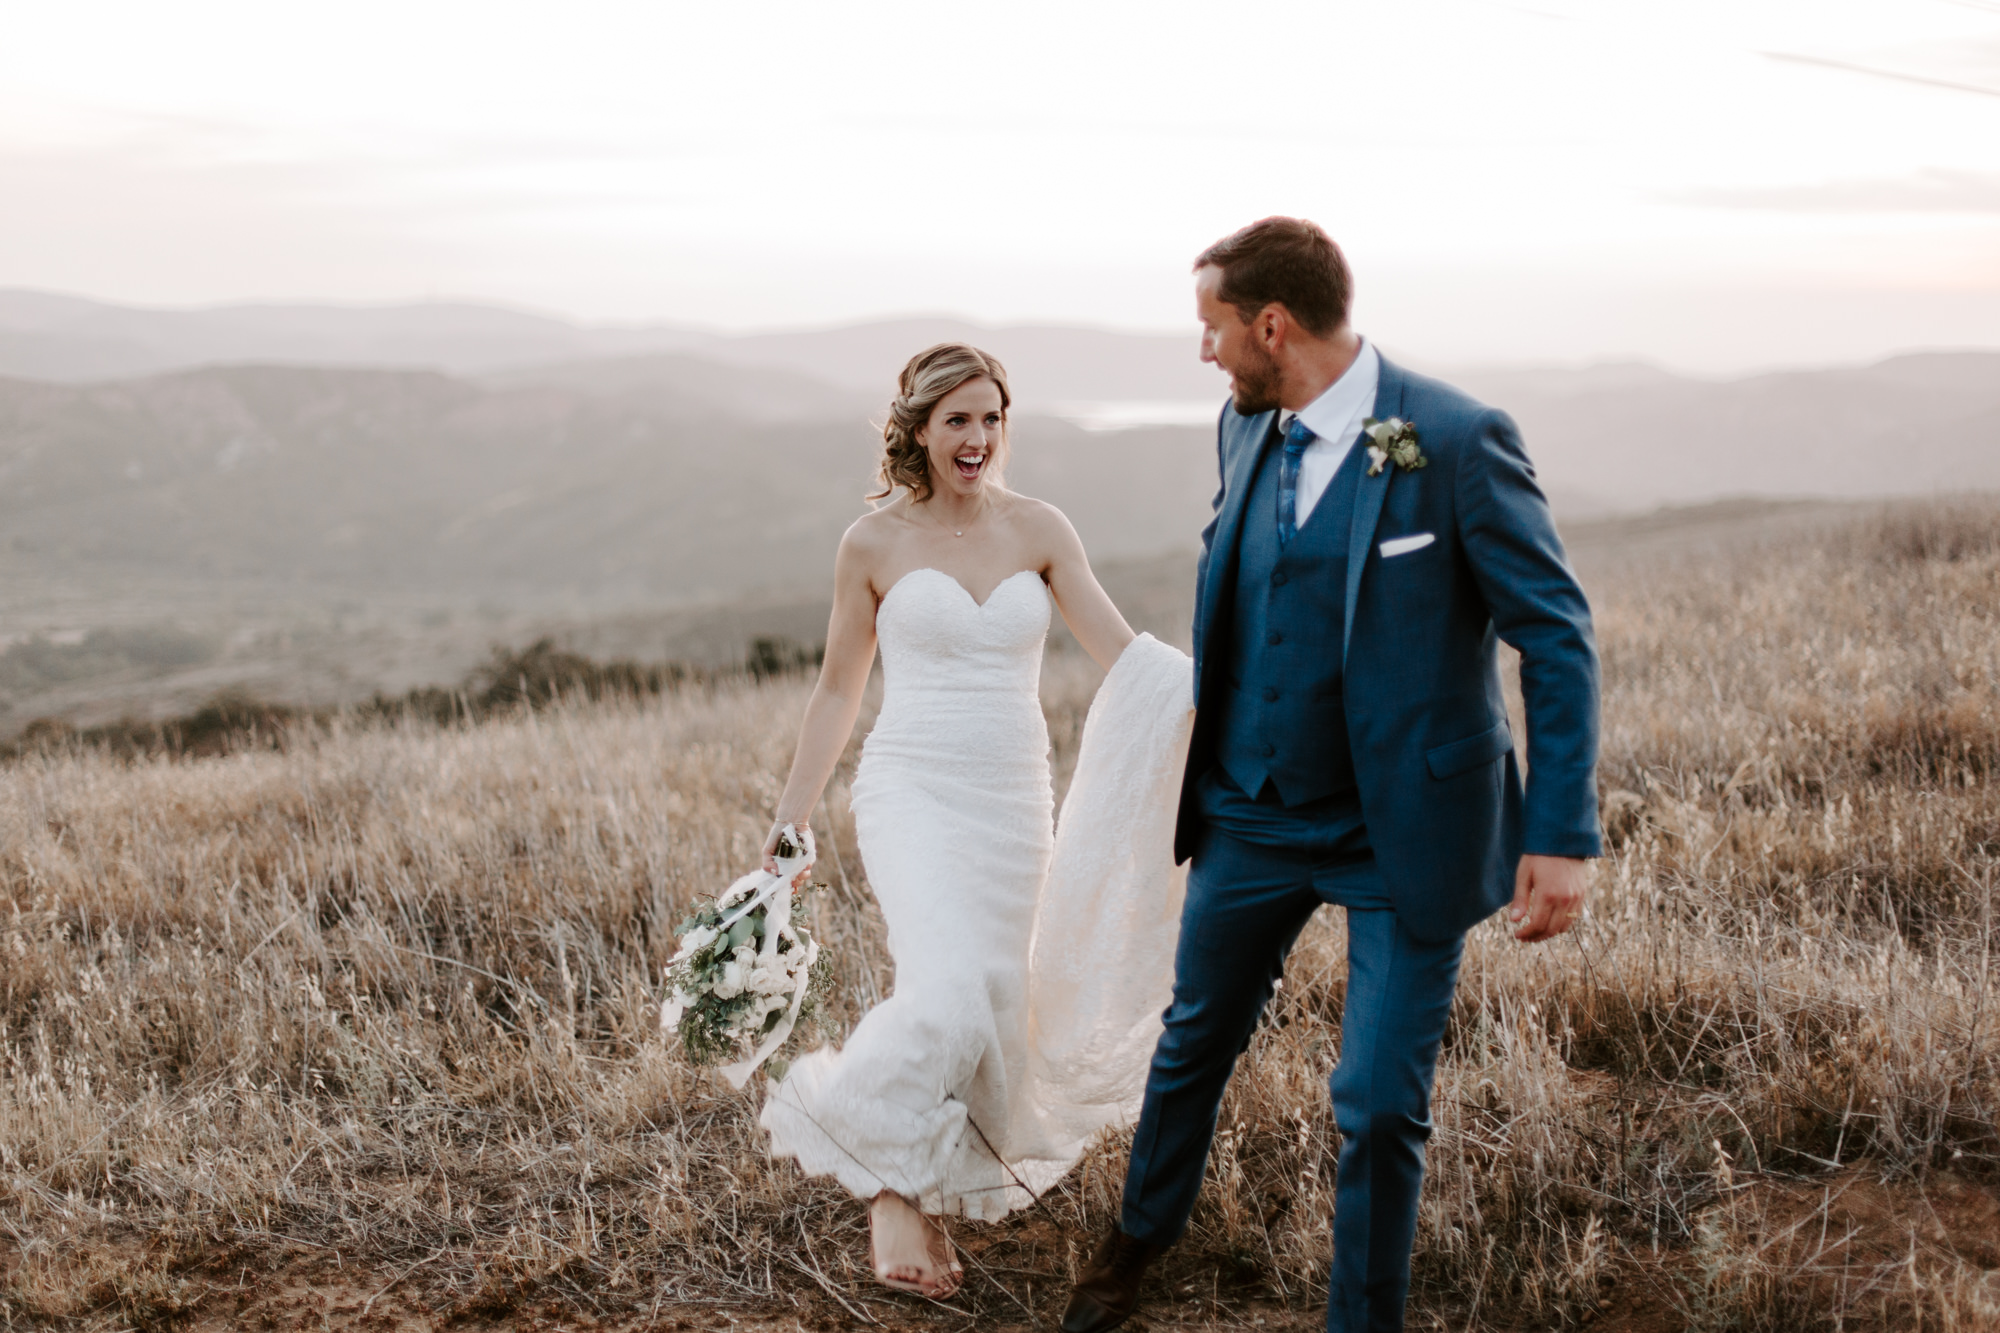 San Diego Wedding photography in Silverado Backyard Wedding077.jpg